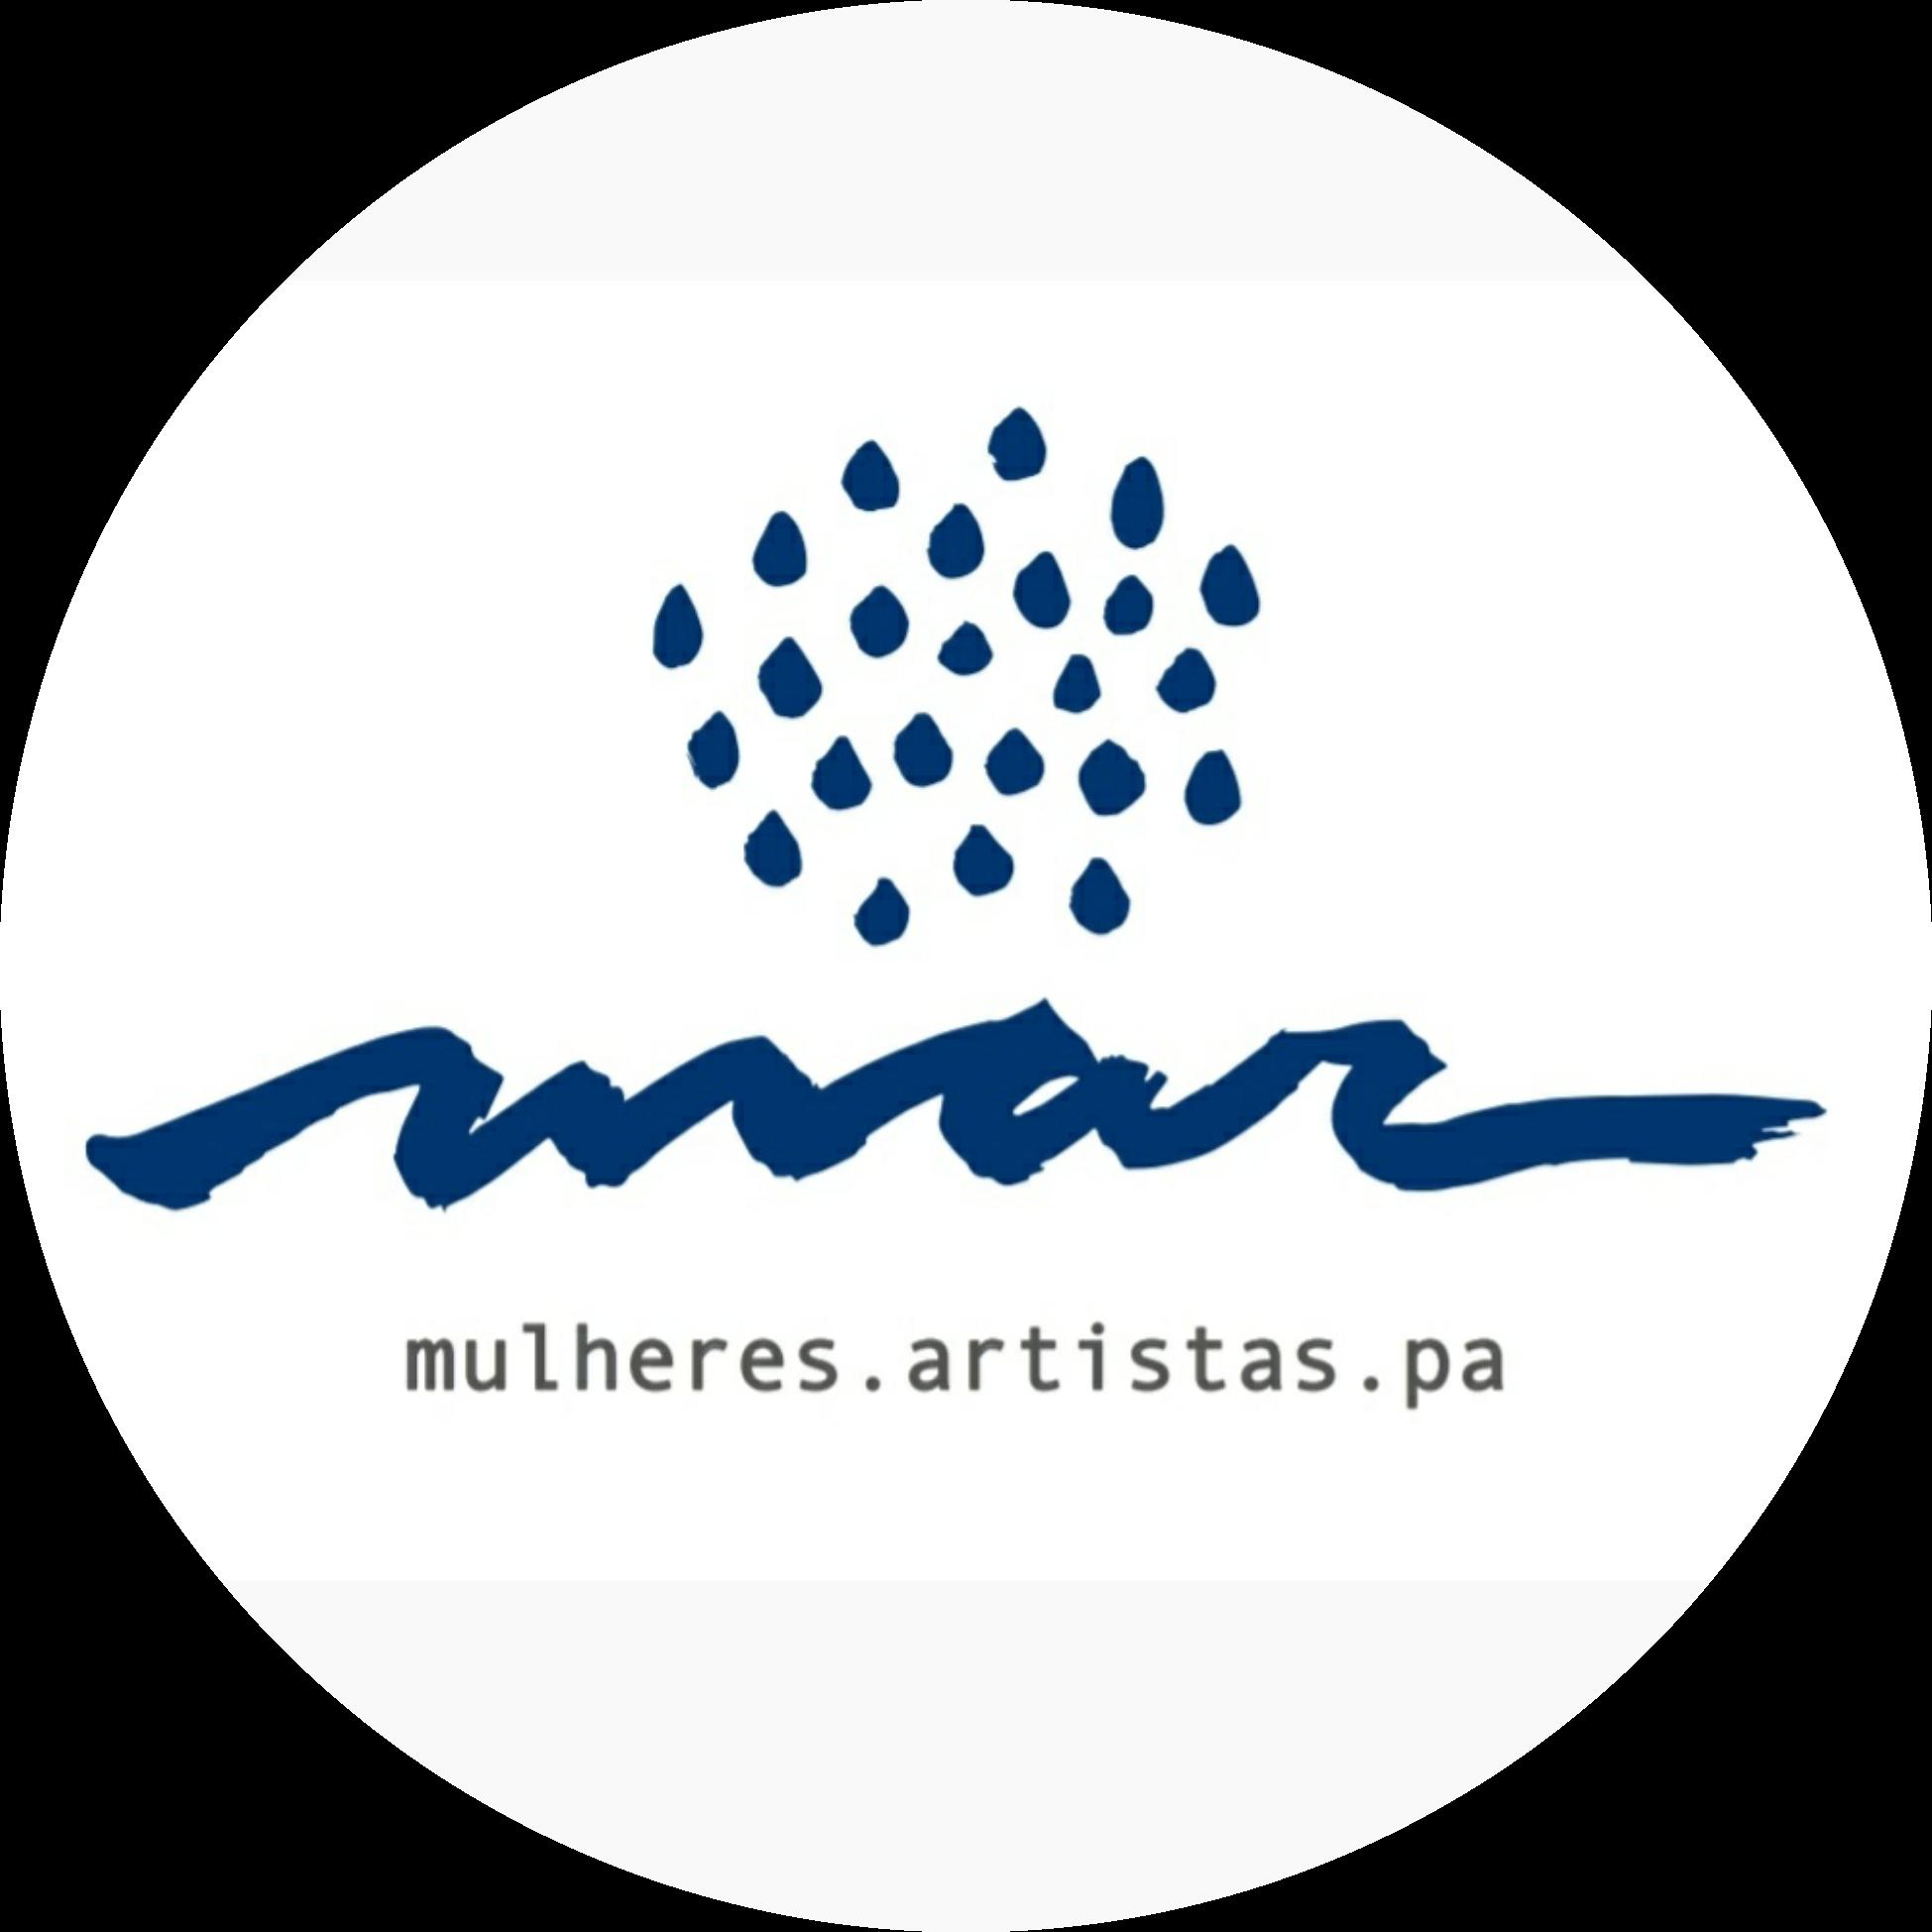 @mulheres.artistas.pa Profile Image   Linktree